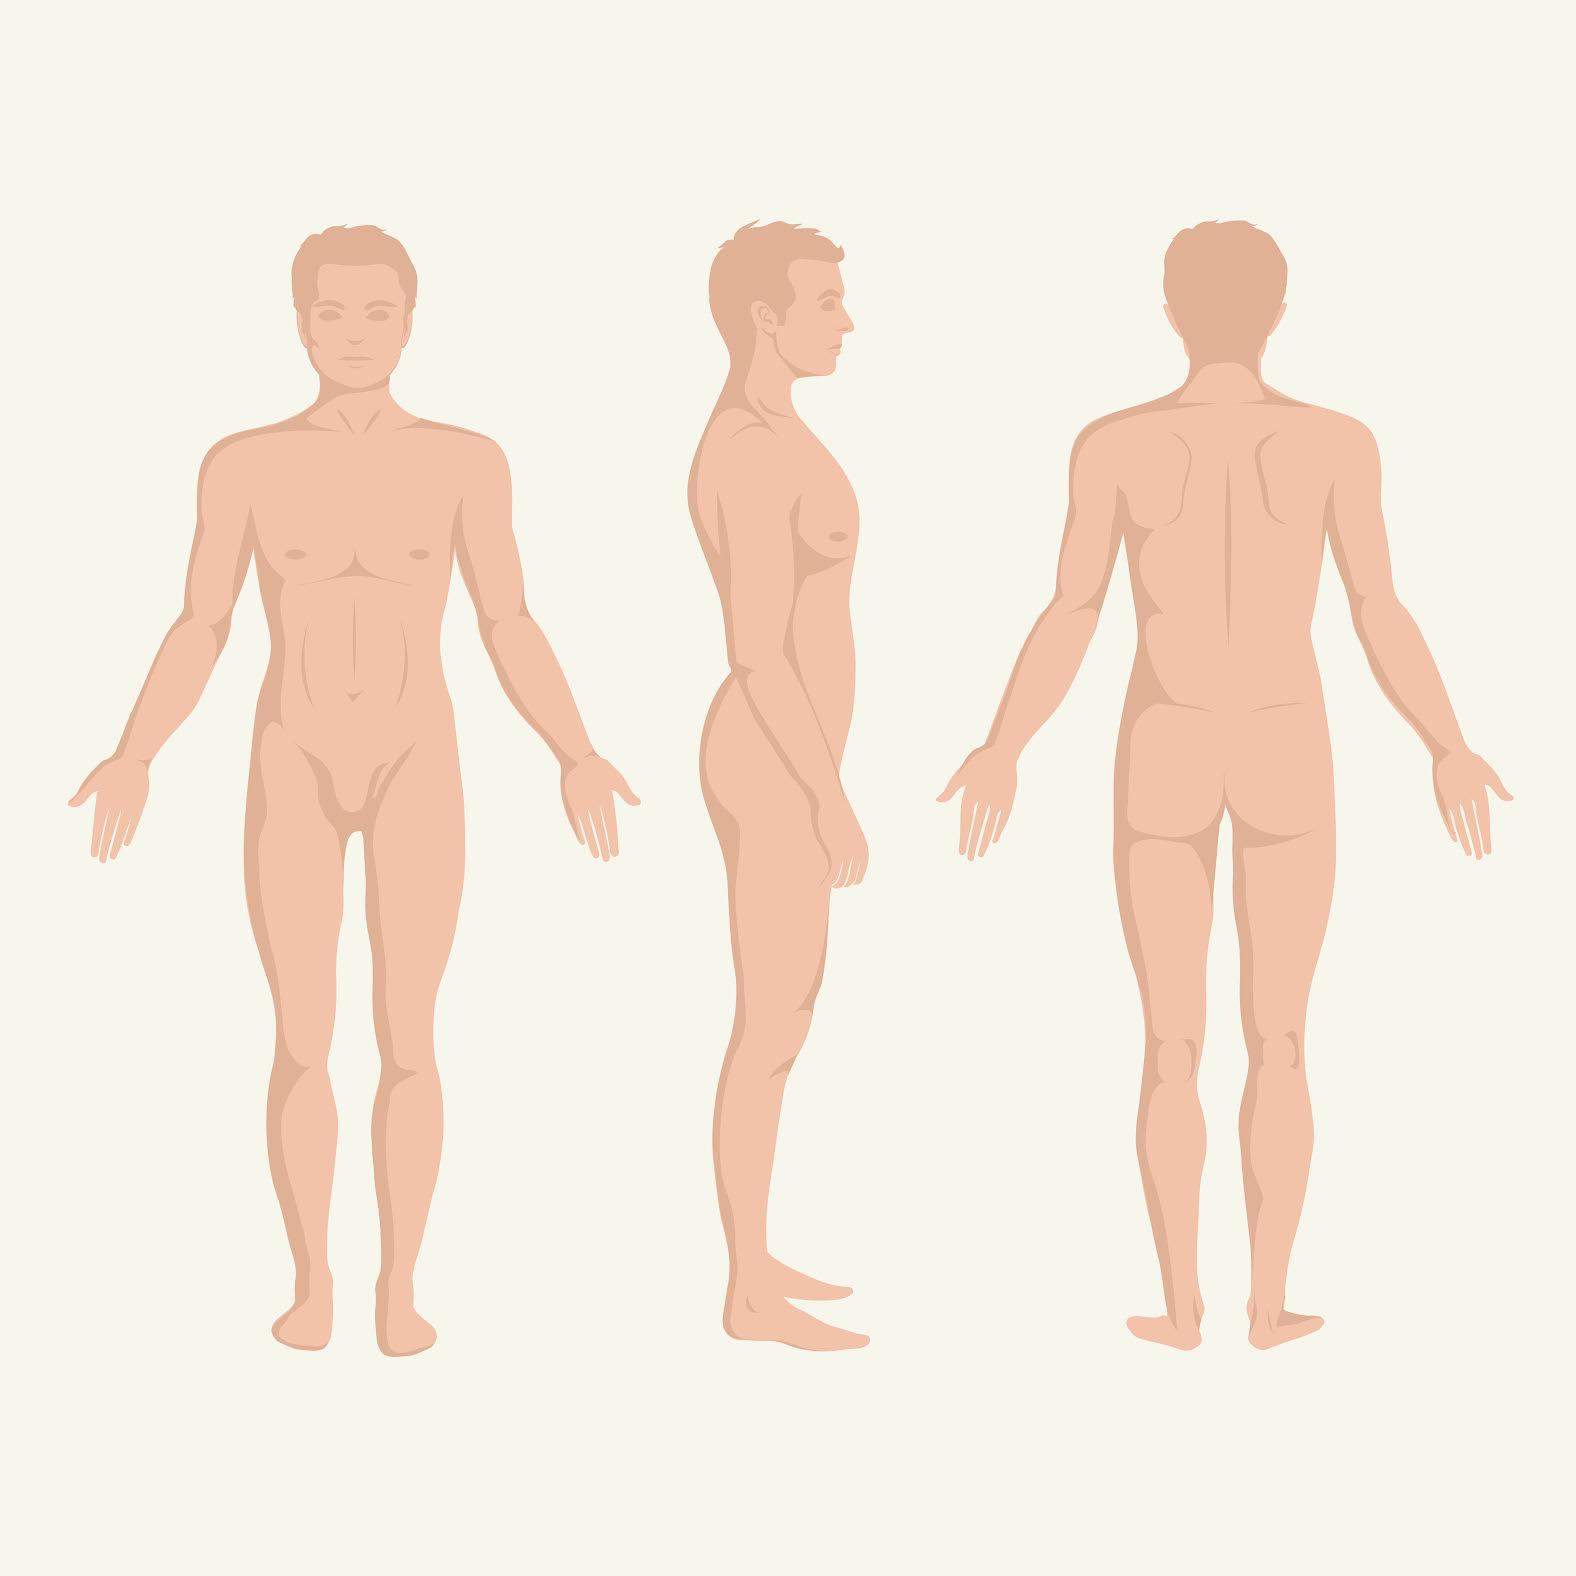 țesutul muscular al penisului